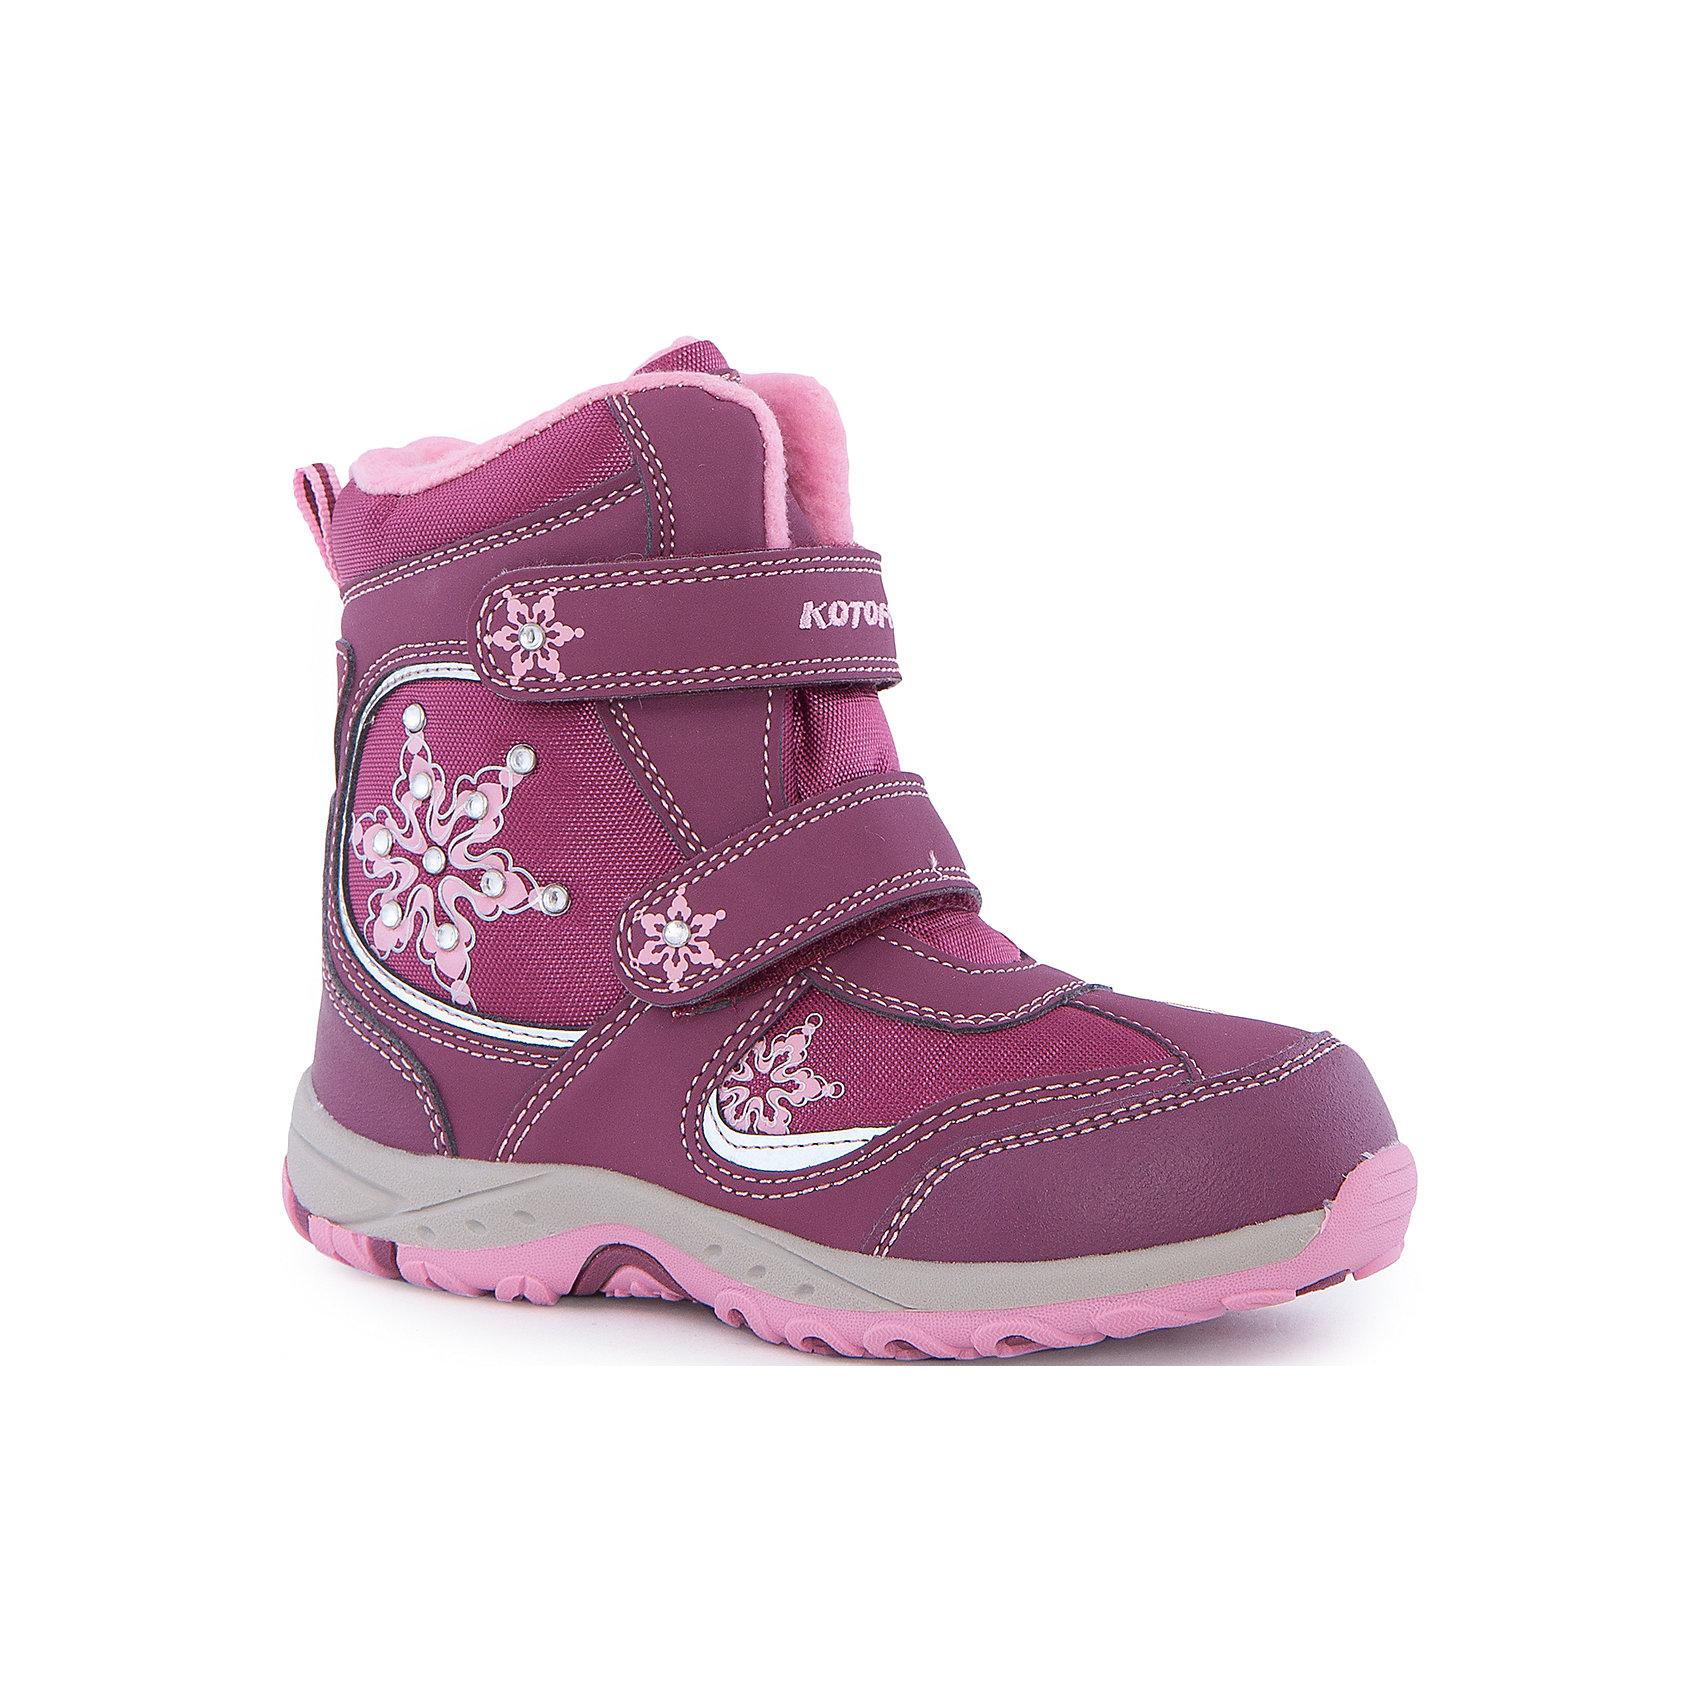 Ботинки  для девочки КотофейБотинки<br>Ботинки  для девочки Котофей.<br><br>Характеристики:<br><br>- Внешний материал: искусственная кожа, текстиль<br>- Внутренний материал: мех шерстяной<br>- Материал стельки: войлок<br>- Подошва: ТЭП<br>- Тип застежки: липучки<br>- Вид крепления обуви: клеевой<br>- Цвет: бордовый, розовый<br>- Сезон: зима<br>- Температурный режим: от +5 до -20 градусов<br>- Пол: для девочек<br><br>Зимние ботинки торговой марки Котофей, декорированные снежинками и стразами, обеспечат вашей девочки максимальный комфорт. Материал верха комбинирован из влагоотталкивающего текстиля и кожи. Подкладка - из натуральной шерсти, имеется дополнительная стелька из войлока, поэтому ножке в такой обуви тепло и уютно. Между материалами верха и подклада вшит специальный мембранный материал, отталкивающий влагу, но позволяющий ногам дышать. Язычок ботинка вшит по бокам практически до самого верха, тем самым предотвращая попадание снега и воды внутрь. Гибкая, широкая, двухцветная подошва с рельефным протектором обеспечит превосходное сцепление с поверхностью, не скользит. Она выполнена из термоэластопласта (ТЭП) – пластичного материала, отлично амортизирующего при шаге и не теряющего своих свойств при понижении температур. Два ремня с липучками позволяют не только быстро обувать и снимать ботинки, но и обеспечивают плотное прилегание обуви к стопе. Детская обувь «Котофей» качественна, красива, добротна, комфортна и долговечна. Она производится на Егорьевской обувной фабрике. Жесткий контроль производства и постоянное совершенствование технологий при многолетнем опыте позволяют считать компанию одним из лидеров среди отечественных производителей детской обуви.<br><br>Ботинки  для девочки Котофей можно купить в нашем интернет-магазине.<br><br>Ширина мм: 262<br>Глубина мм: 176<br>Высота мм: 97<br>Вес г: 427<br>Цвет: разноцветный<br>Возраст от месяцев: 84<br>Возраст до месяцев: 96<br>Пол: Женский<br>Возраст: Детский<br>Размер: 31,37,32,33,34,35,36<br>SKU: 5087288